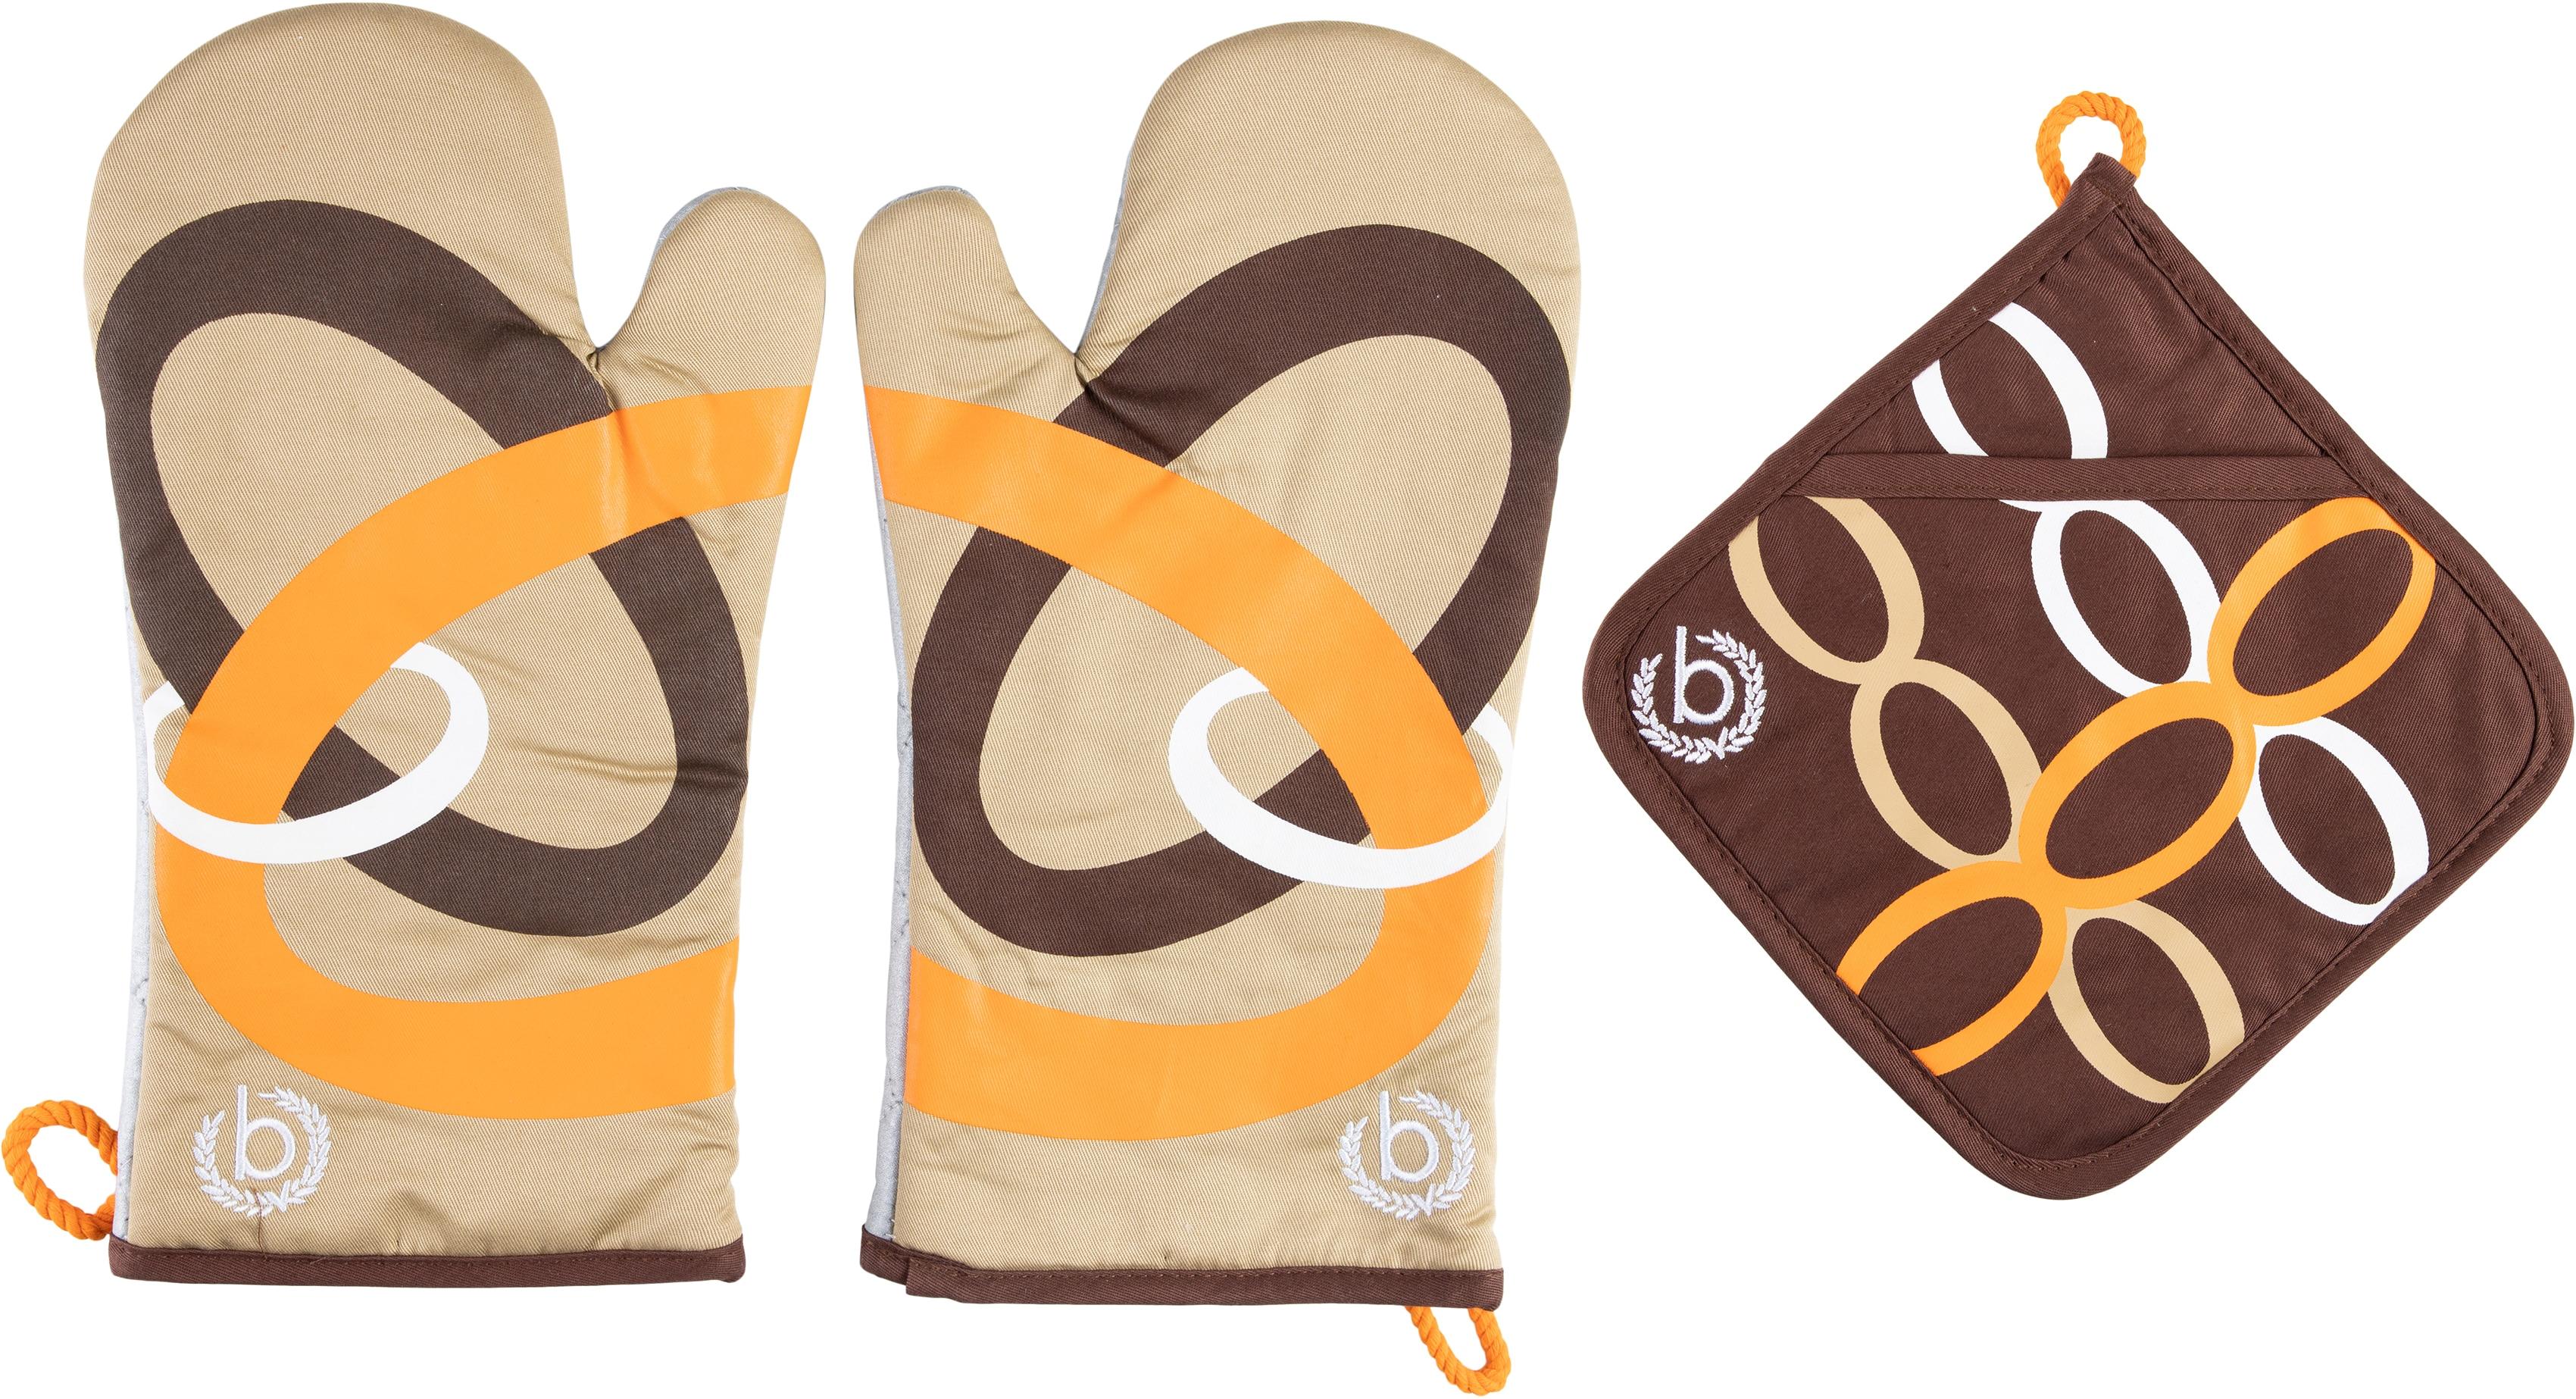 bugatti Topfhandschuhe Ellipse, (Set, 3 tlg., bestehend aus 2x Ofenhandschuh, 1x Topflappen) braun Topflappen und Topfhandschuh Kochen Backen Haushaltswaren